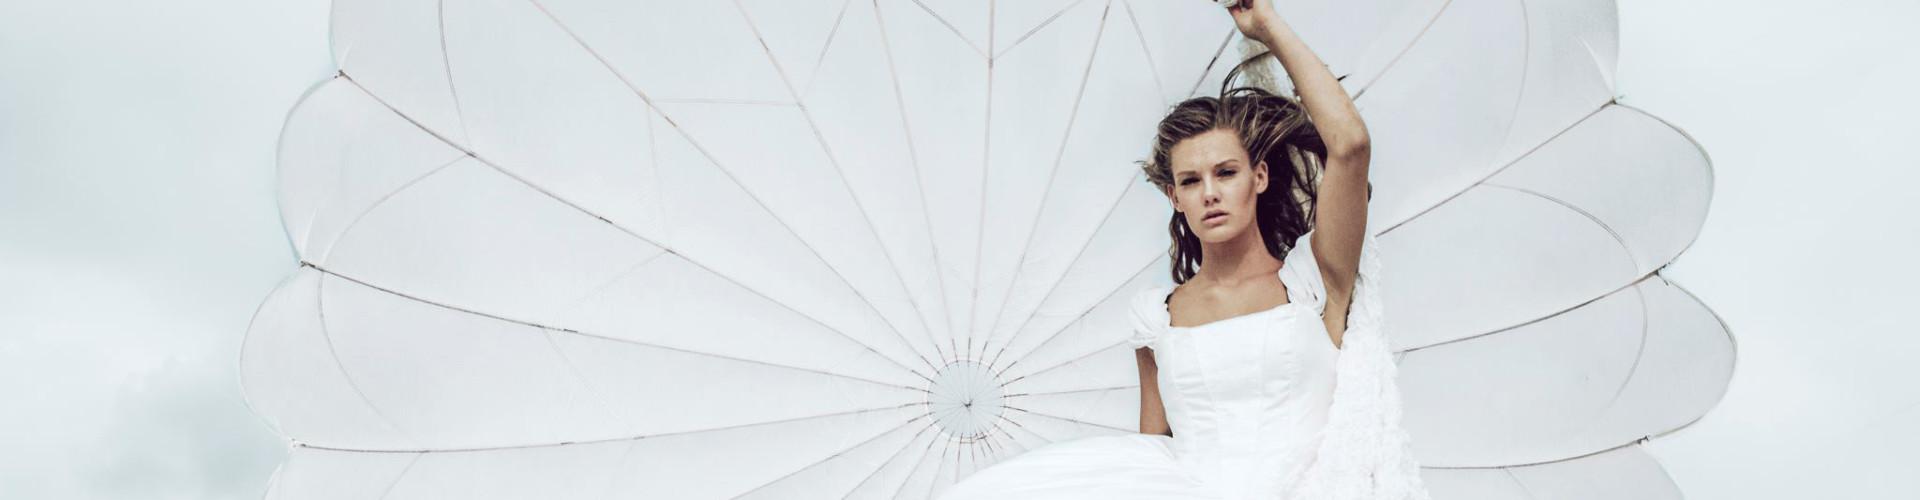 Kira Fallschirm © Karsten Vogel